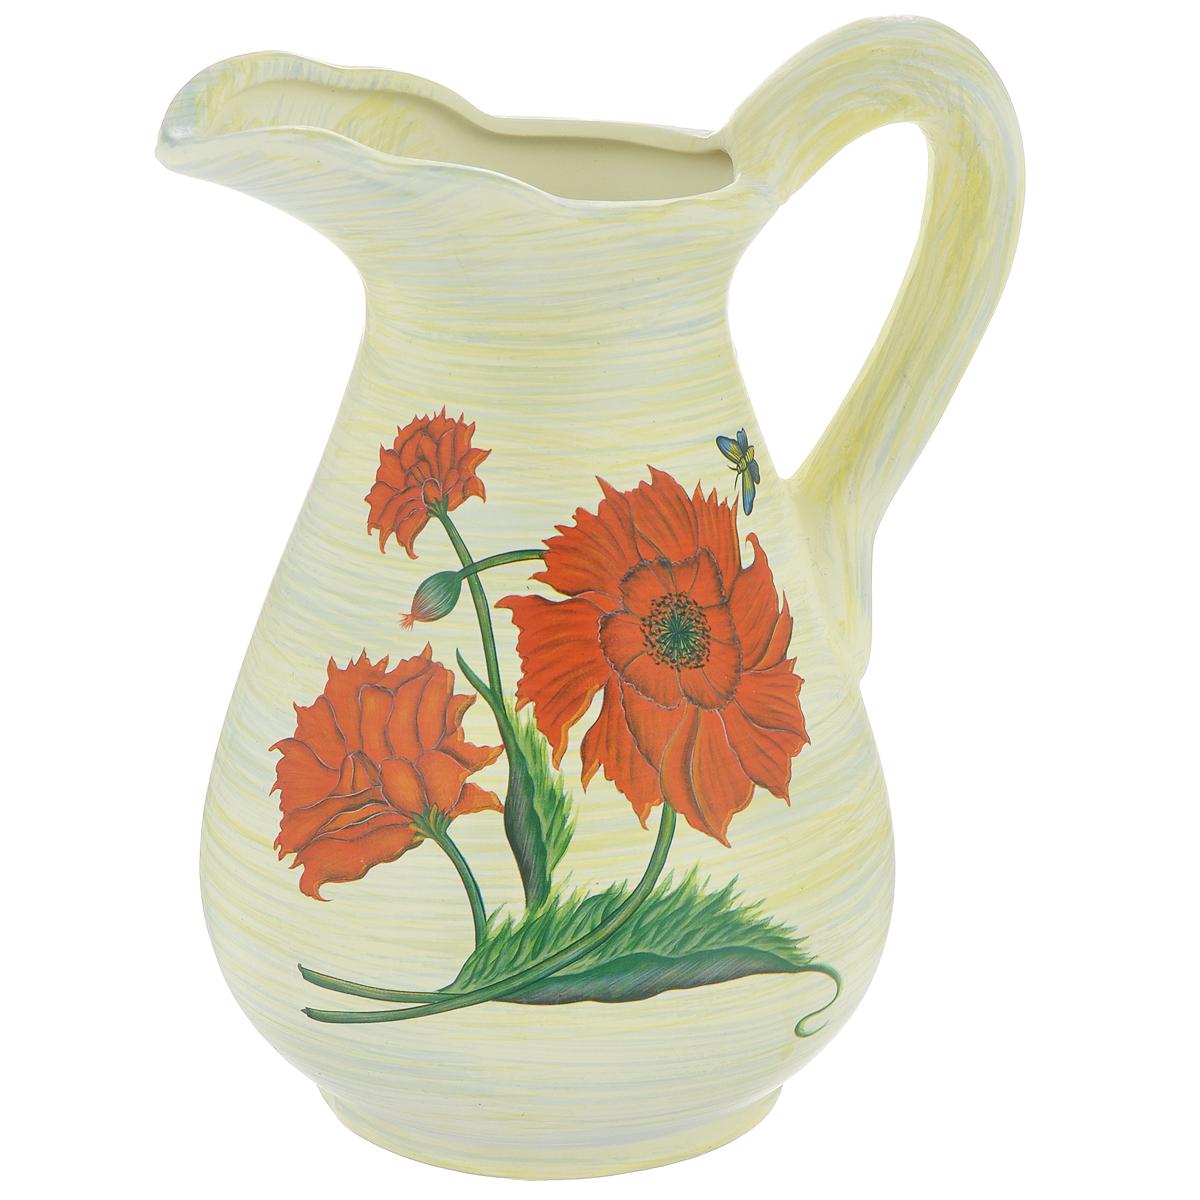 Ваза Lillo Красные цветы, высота 25 смFS-91909Элегантная ваза Lillo Красные цветы выполнена из высококачественной керамики в виде кувшина и декорирована рисунком. Она придется по вкусу и ценителям классики, и тем, кто предпочитает утонченность и изящность. Вы можете поставить вазу в любом месте, где она будет удачно смотреться и радовать глаз. Такая ваза подойдет и для цветов, и для декора интерьера. Кроме того - это отличный вариант подарка для ваших близких и друзей. Высота вазы: 25 см.Диаметр основания: 11,5 см.